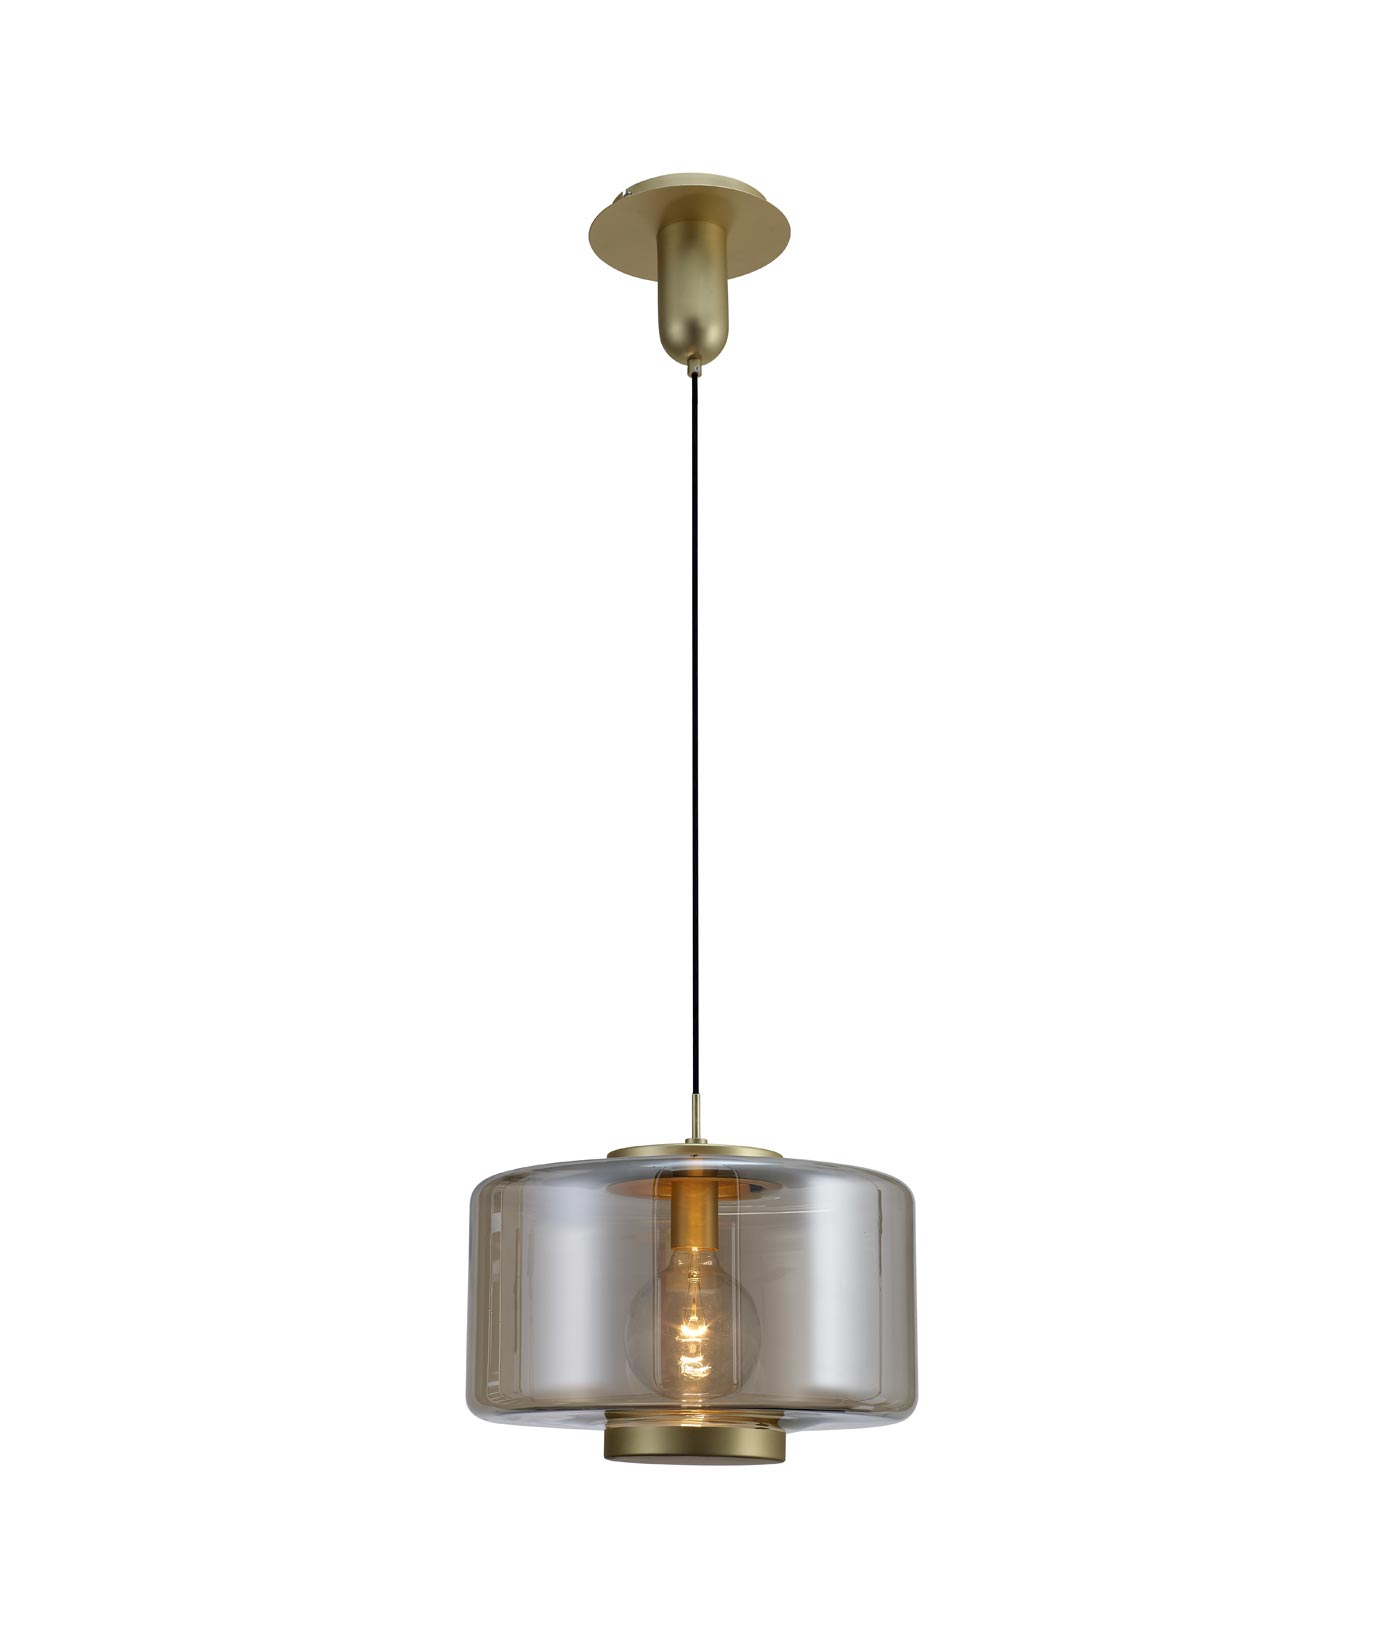 ⋆ la techo La de Casa Lámpara Lámpara grande bronce JARRAS de CsthQrd